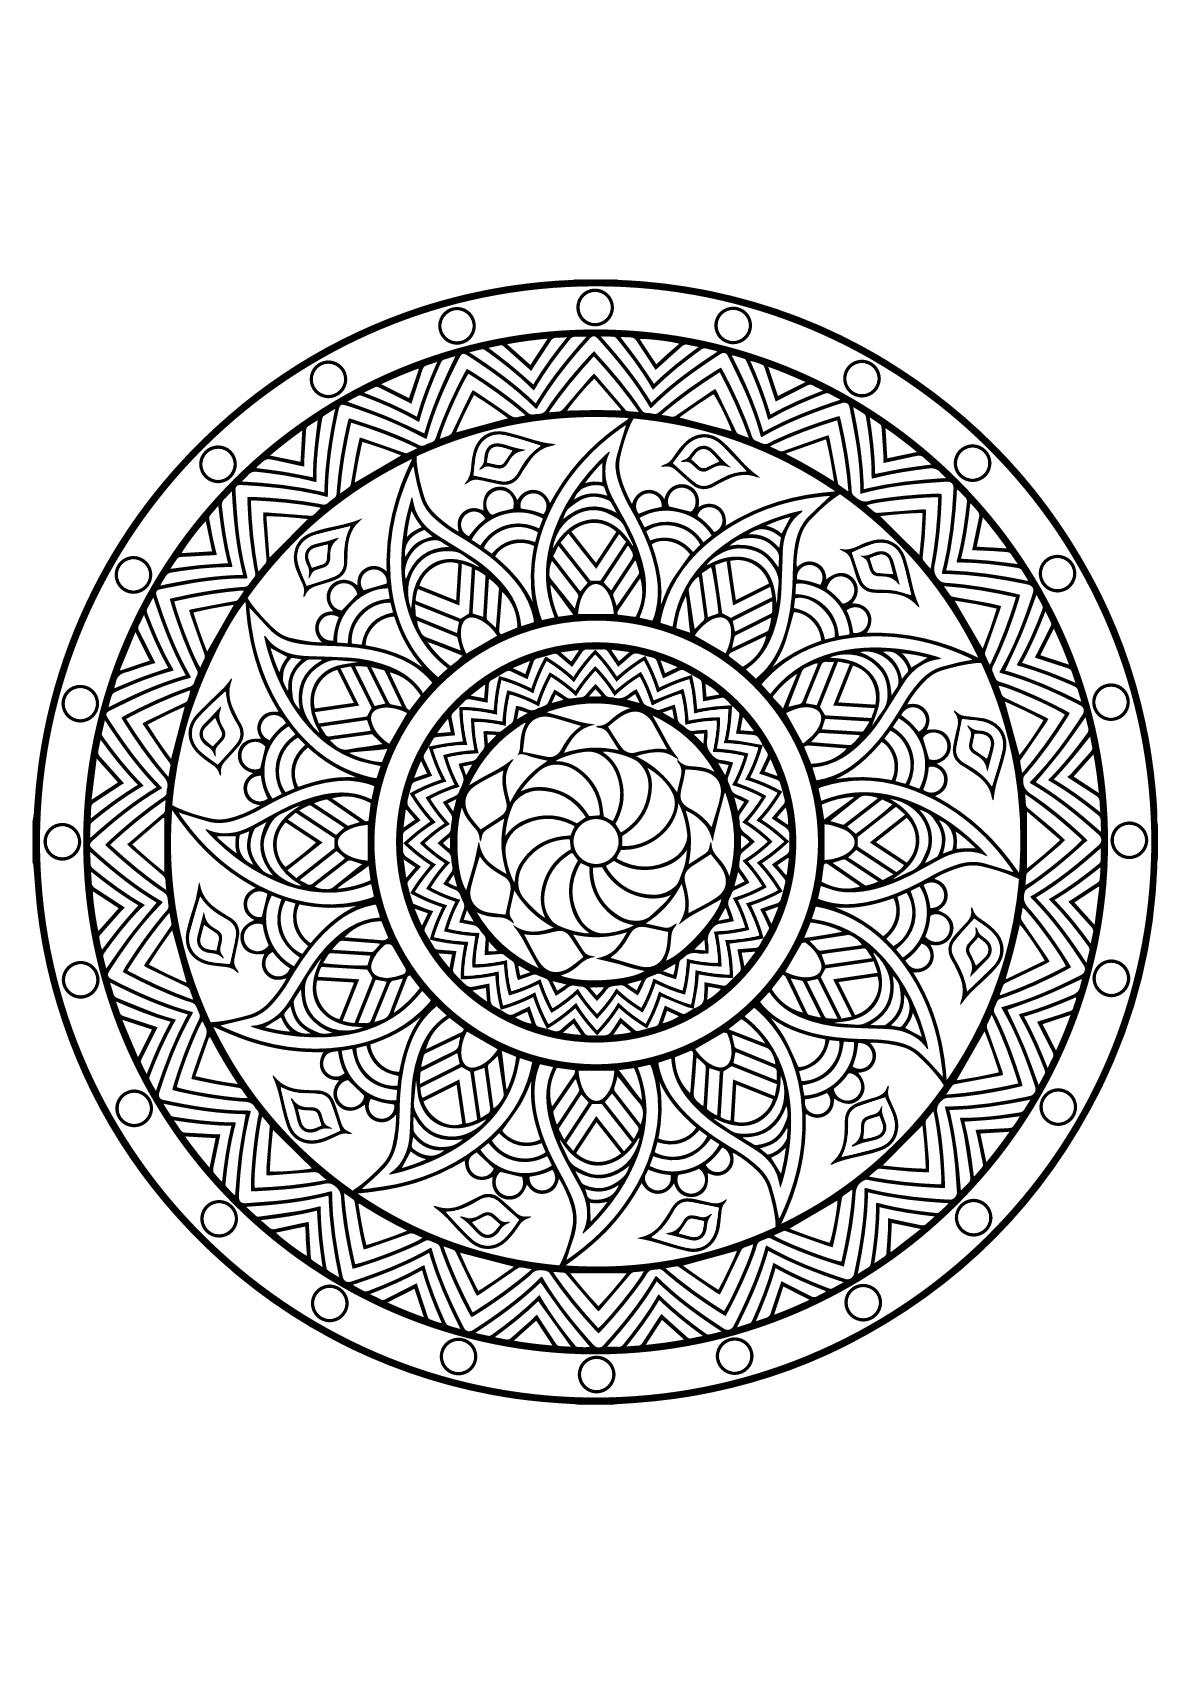 Disegni da colorare per adulti : Mandalas - 25